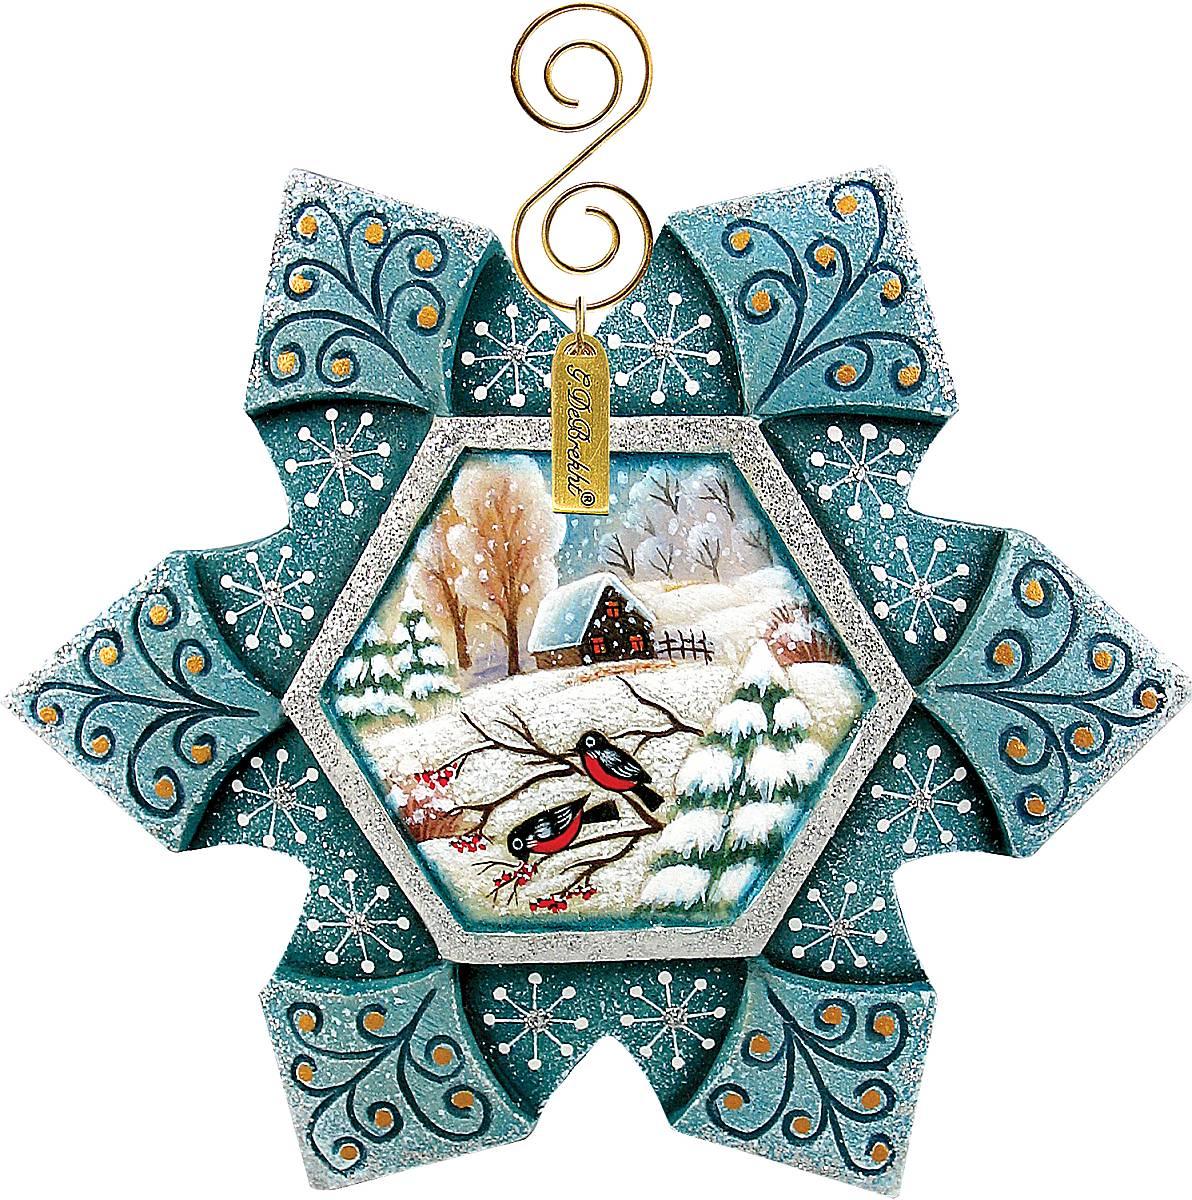 Украшение новогоднее подвесное Mister Christmas Снежинка, коллекционное, диаметр 11 смUS 610217Новый вод, в первую очередь, ассоциируется с зимой. А зима - с сугробами и падающими с неба пушистыми снежинками. Украшение Mister Christmas Снежинка будет изящно смотреться на фоне зеленой хвои, будь она настоящей или искусственной. Изделие выполнено из полистоуна и представляет собой объемную снежинку с текстурной фактурой и блестками разных размеров. На еловой ветке она фиксируется благодаря специальной петельке, сделанной из прочной веревочки. Новогоднее украшение Mister Christmas Снежинка оформит интерьер вашего дома или офиса в преддверии Нового года. А также станет отличным решением новогоднего подарка для ваших друзей и коллег.